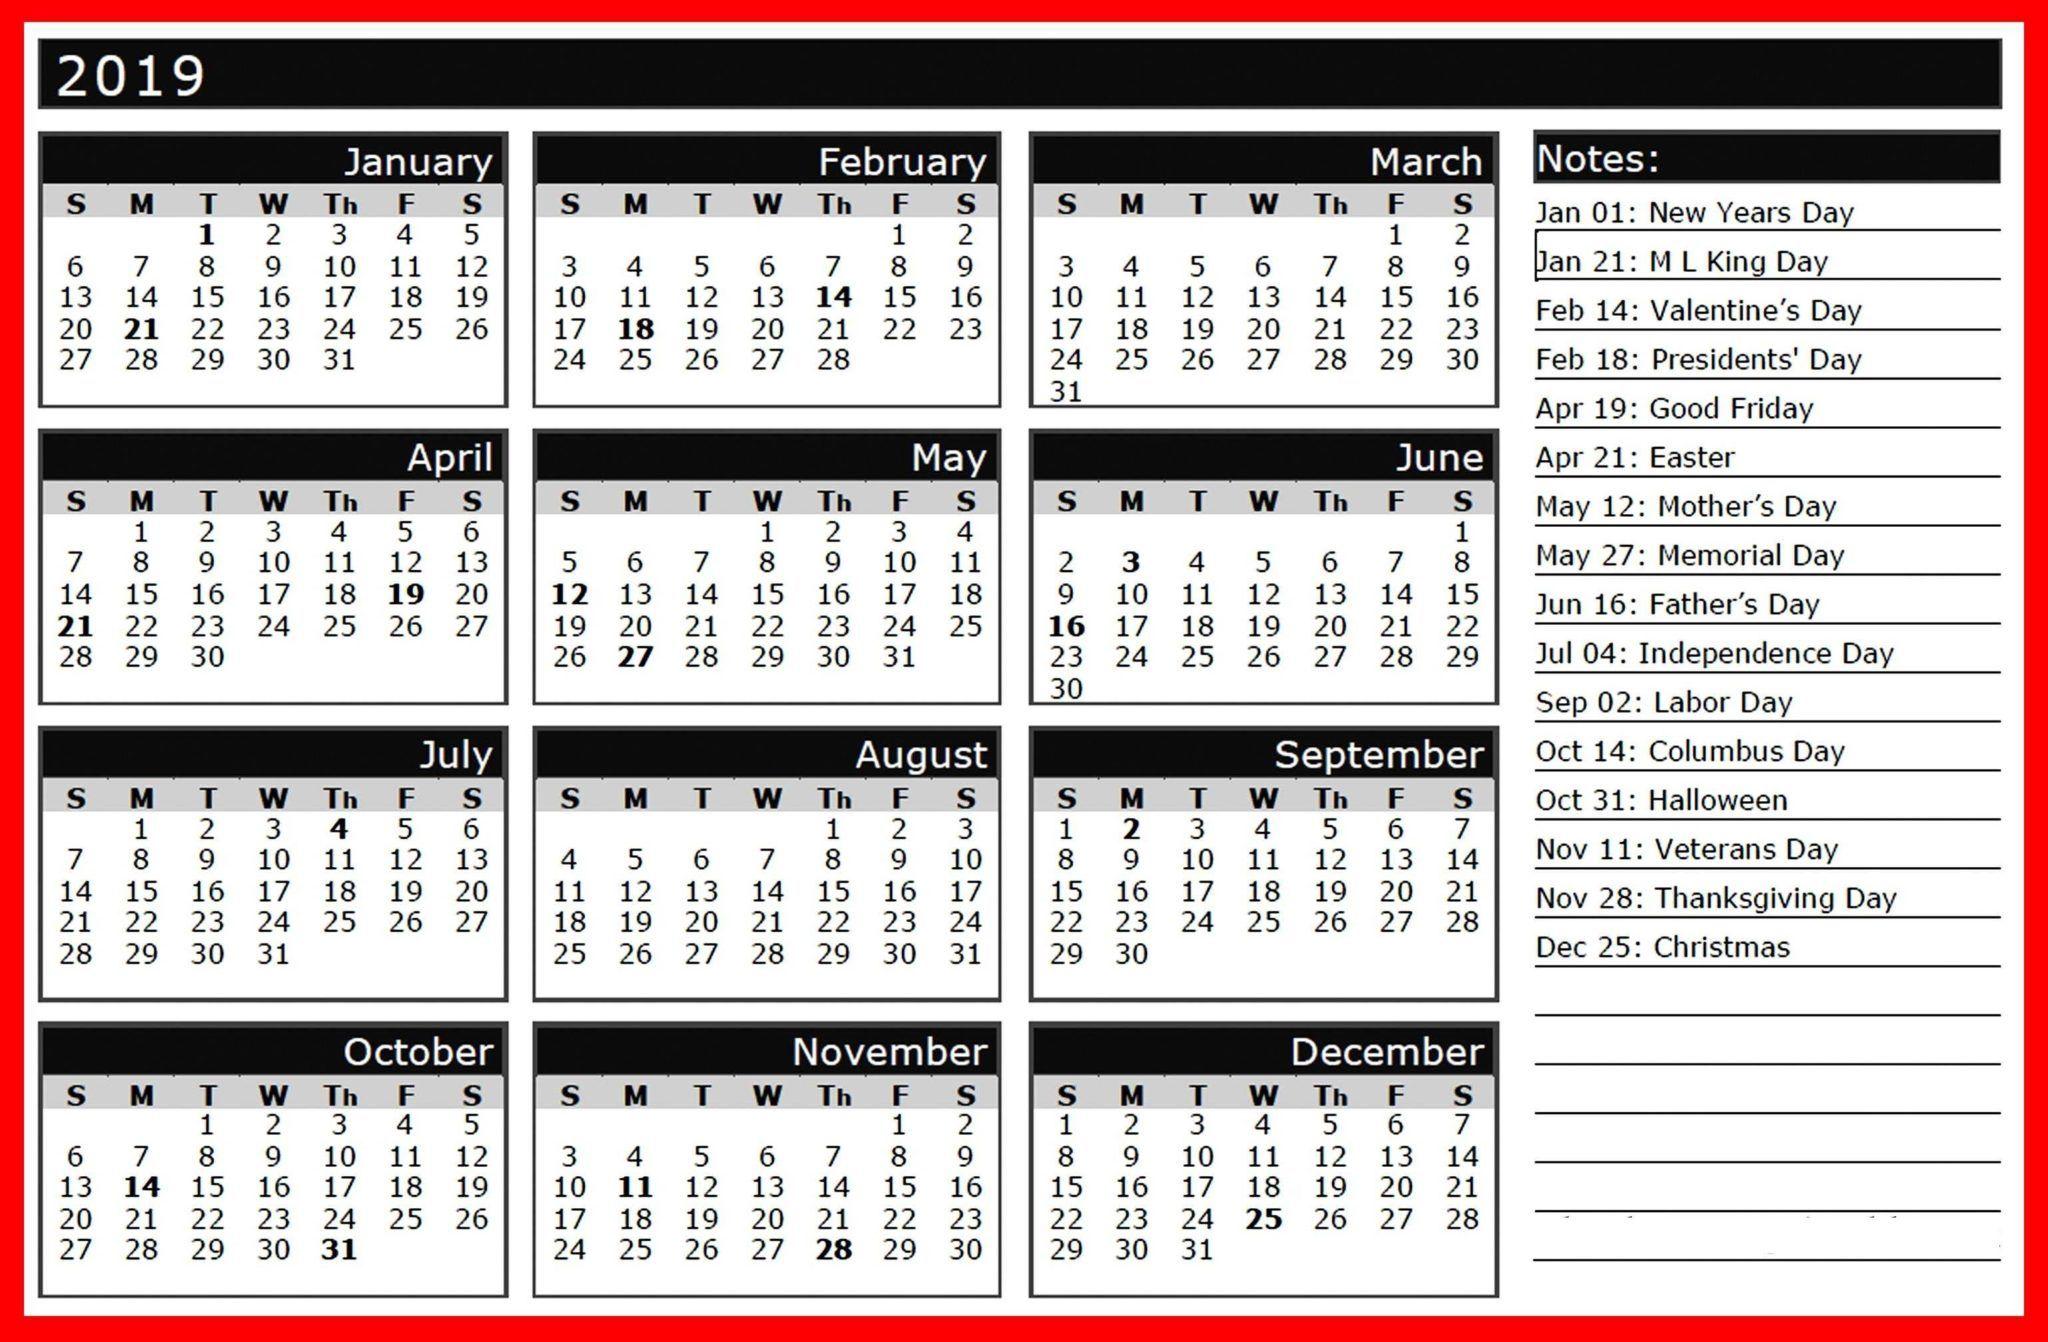 Calendar 2019 Free Printable With Holidays Free Printable